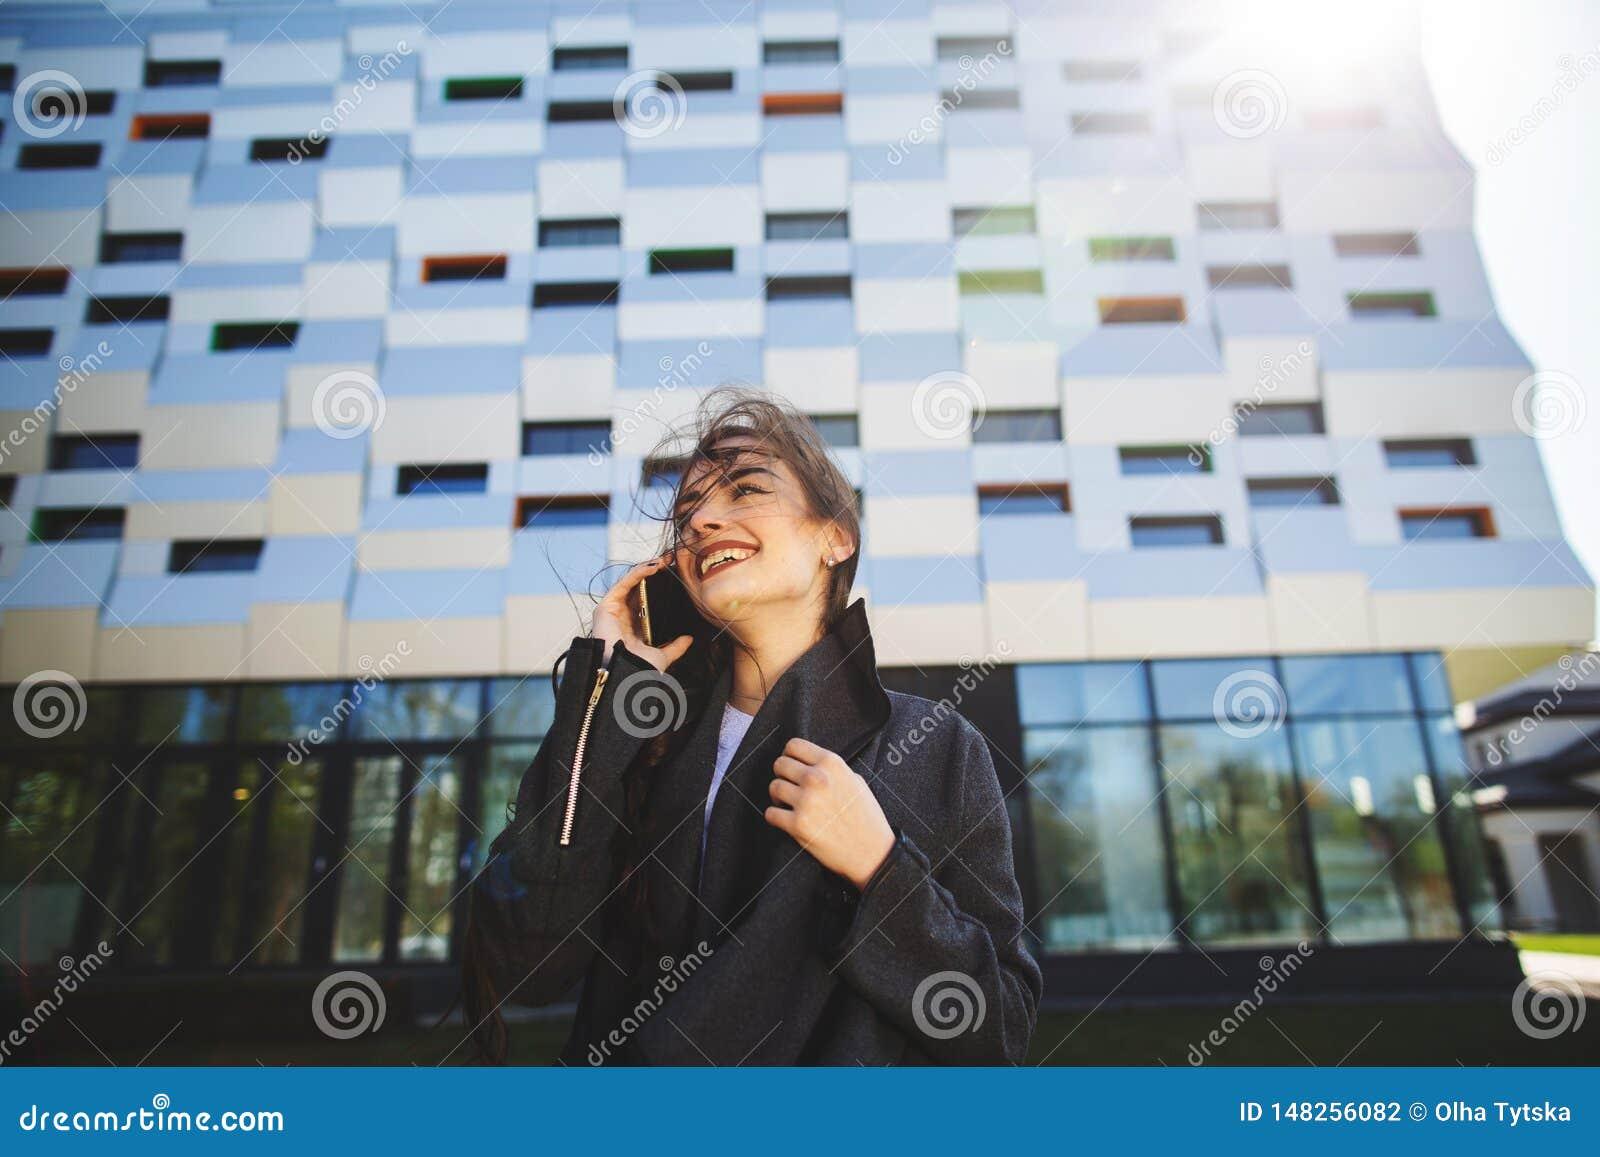 Νέα επιχειρηματίας που μιλά στο κινητό τηλέφωνο κατά τη διάρκεια του υπαίθριου διαλείμματος, κοντά στο κτίριο γραφείων Έννοια επι